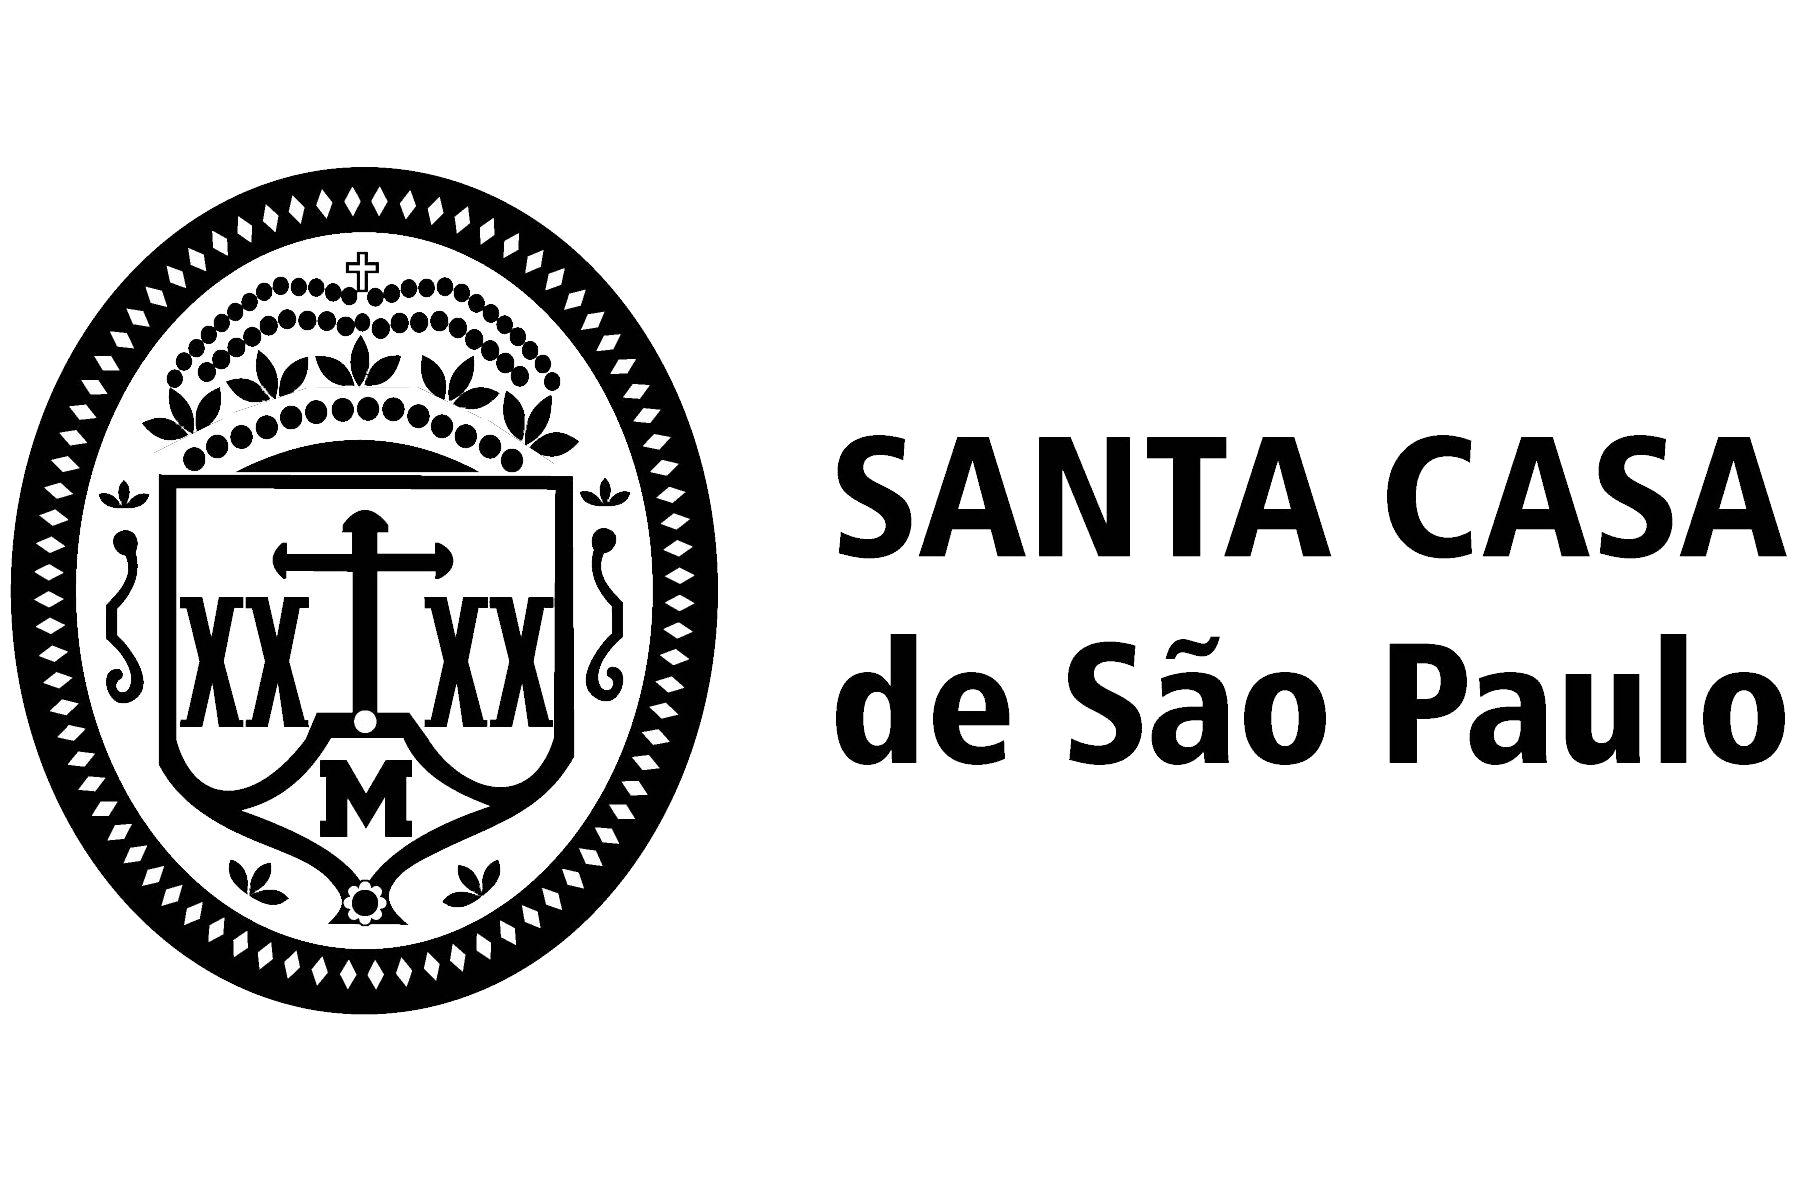 santacasasp2